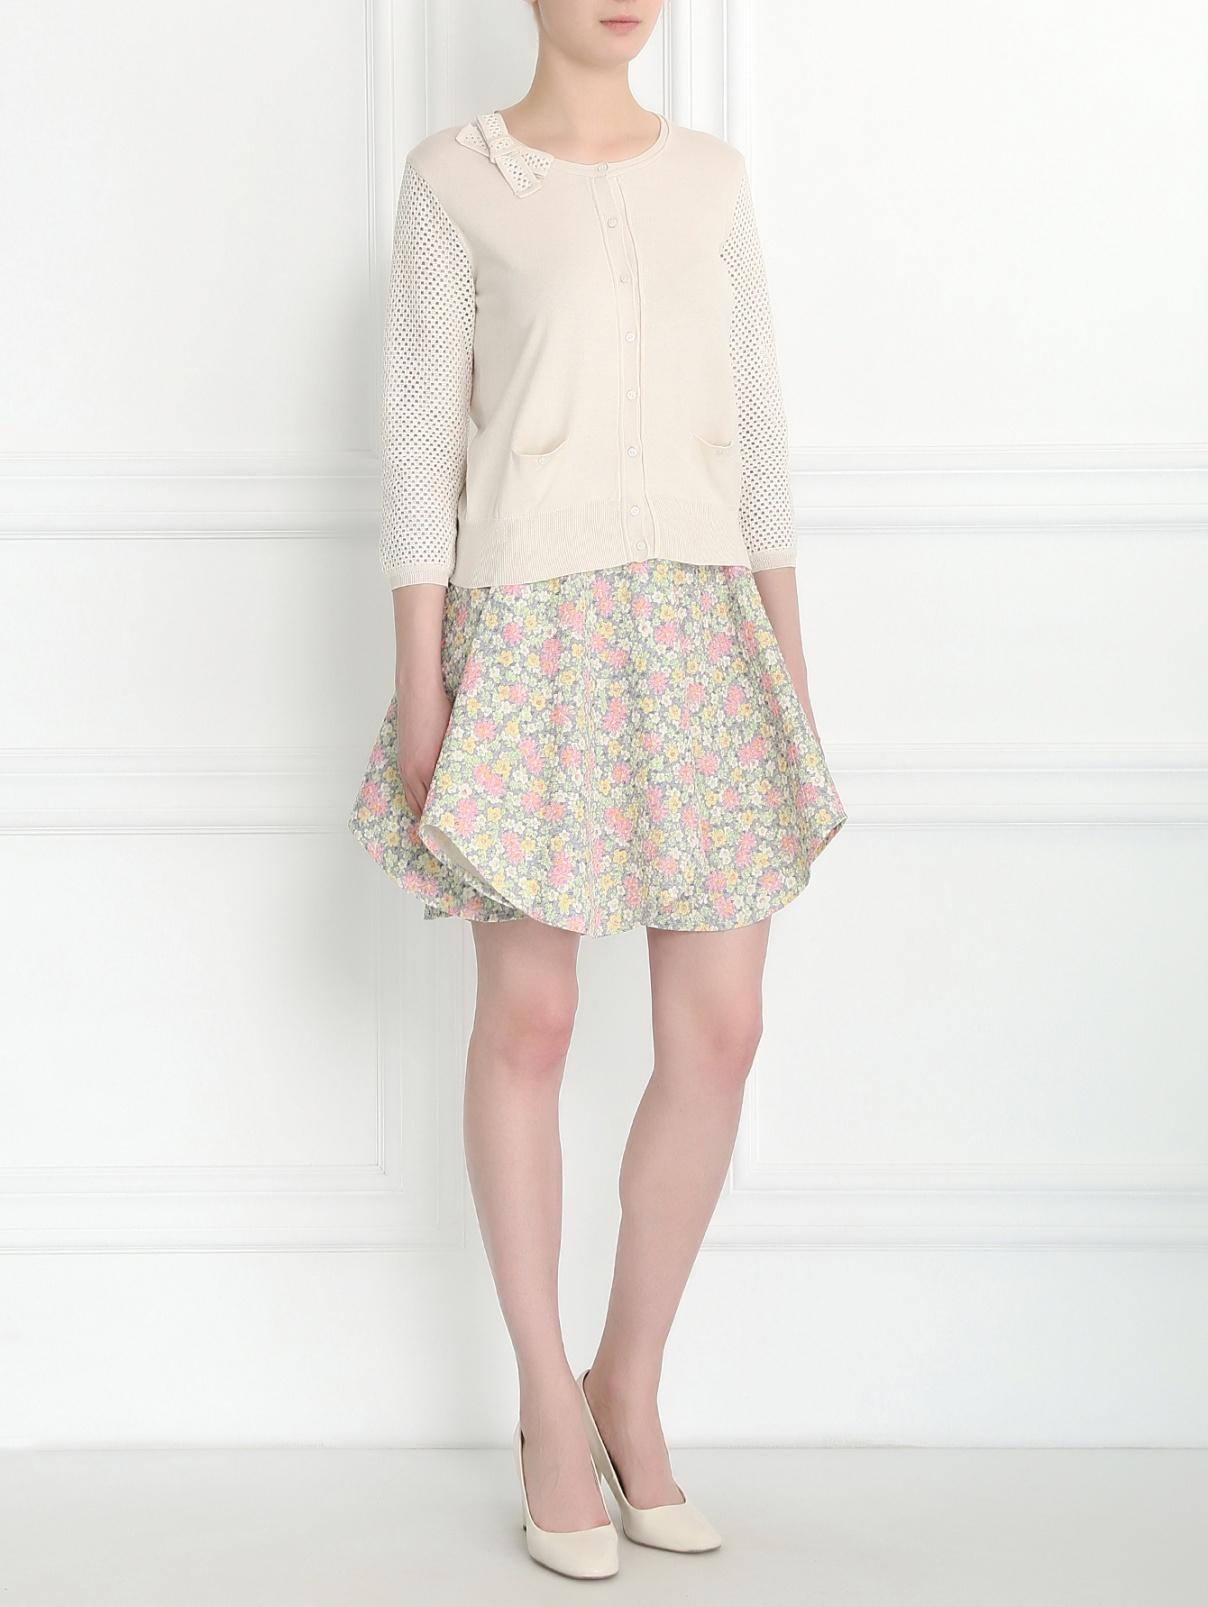 Кардиган из шелка и хлопка с плетеными рукавами Paule Ka  –  Модель Общий вид